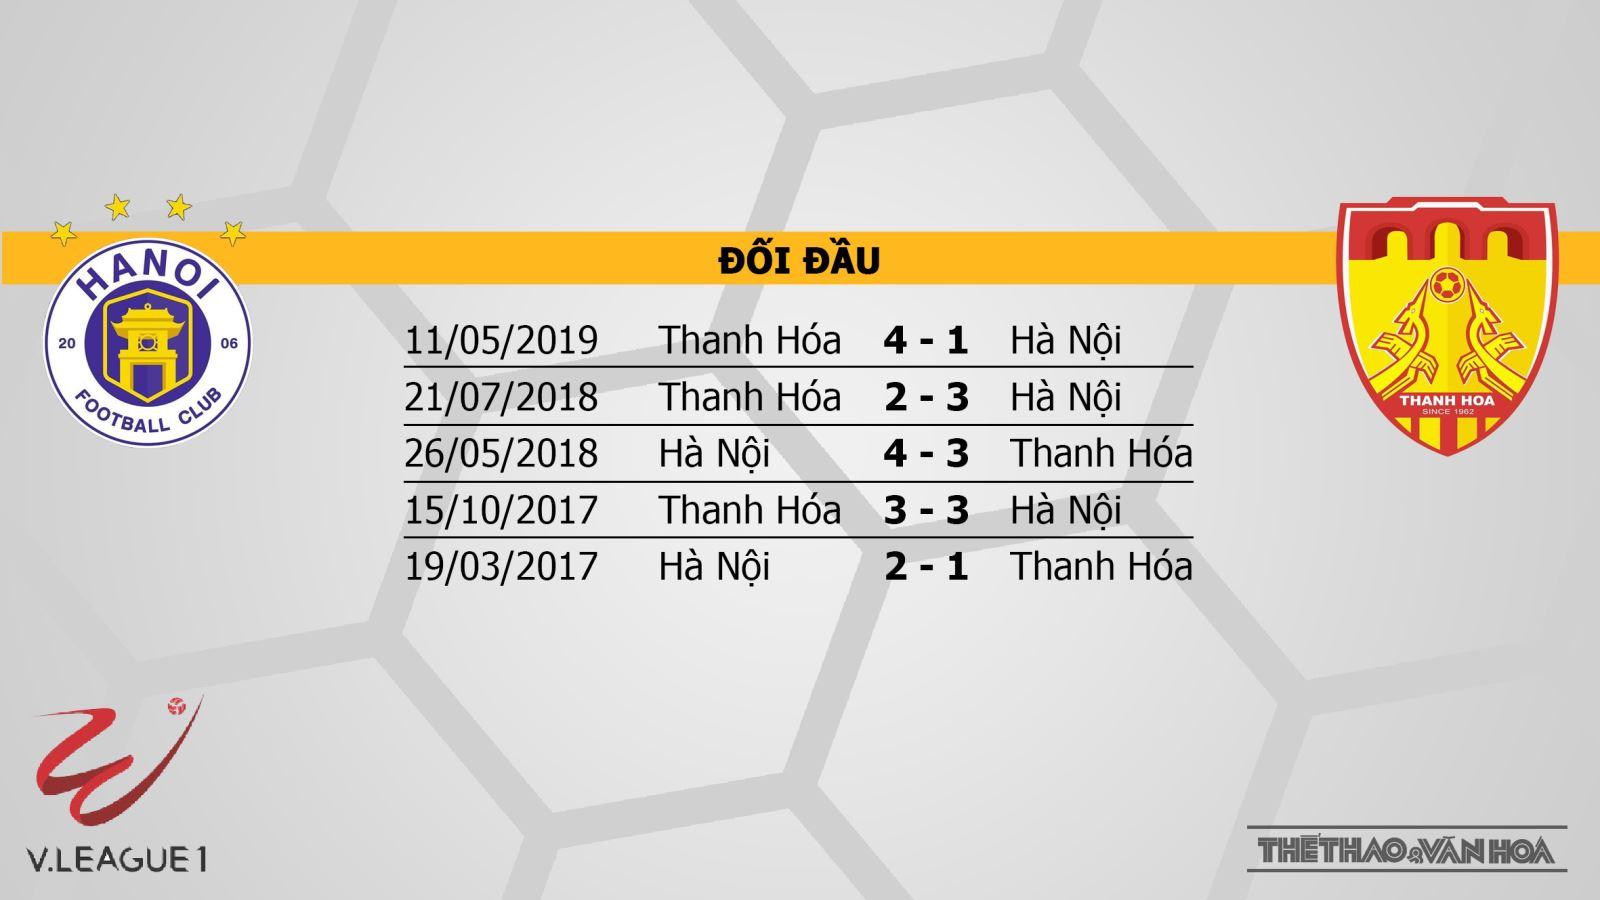 trực tiếp bóng đá, truc tiep bong da, Hà Nội vs Thanh Hóa, Trực tiếp Hà Nội đấu với Thanh Hóa , kèo Hà Nội vs Thanh Hóa, V-League 2019, VTV6, Bóng đá TV, FPT Play, kèo bóng đá